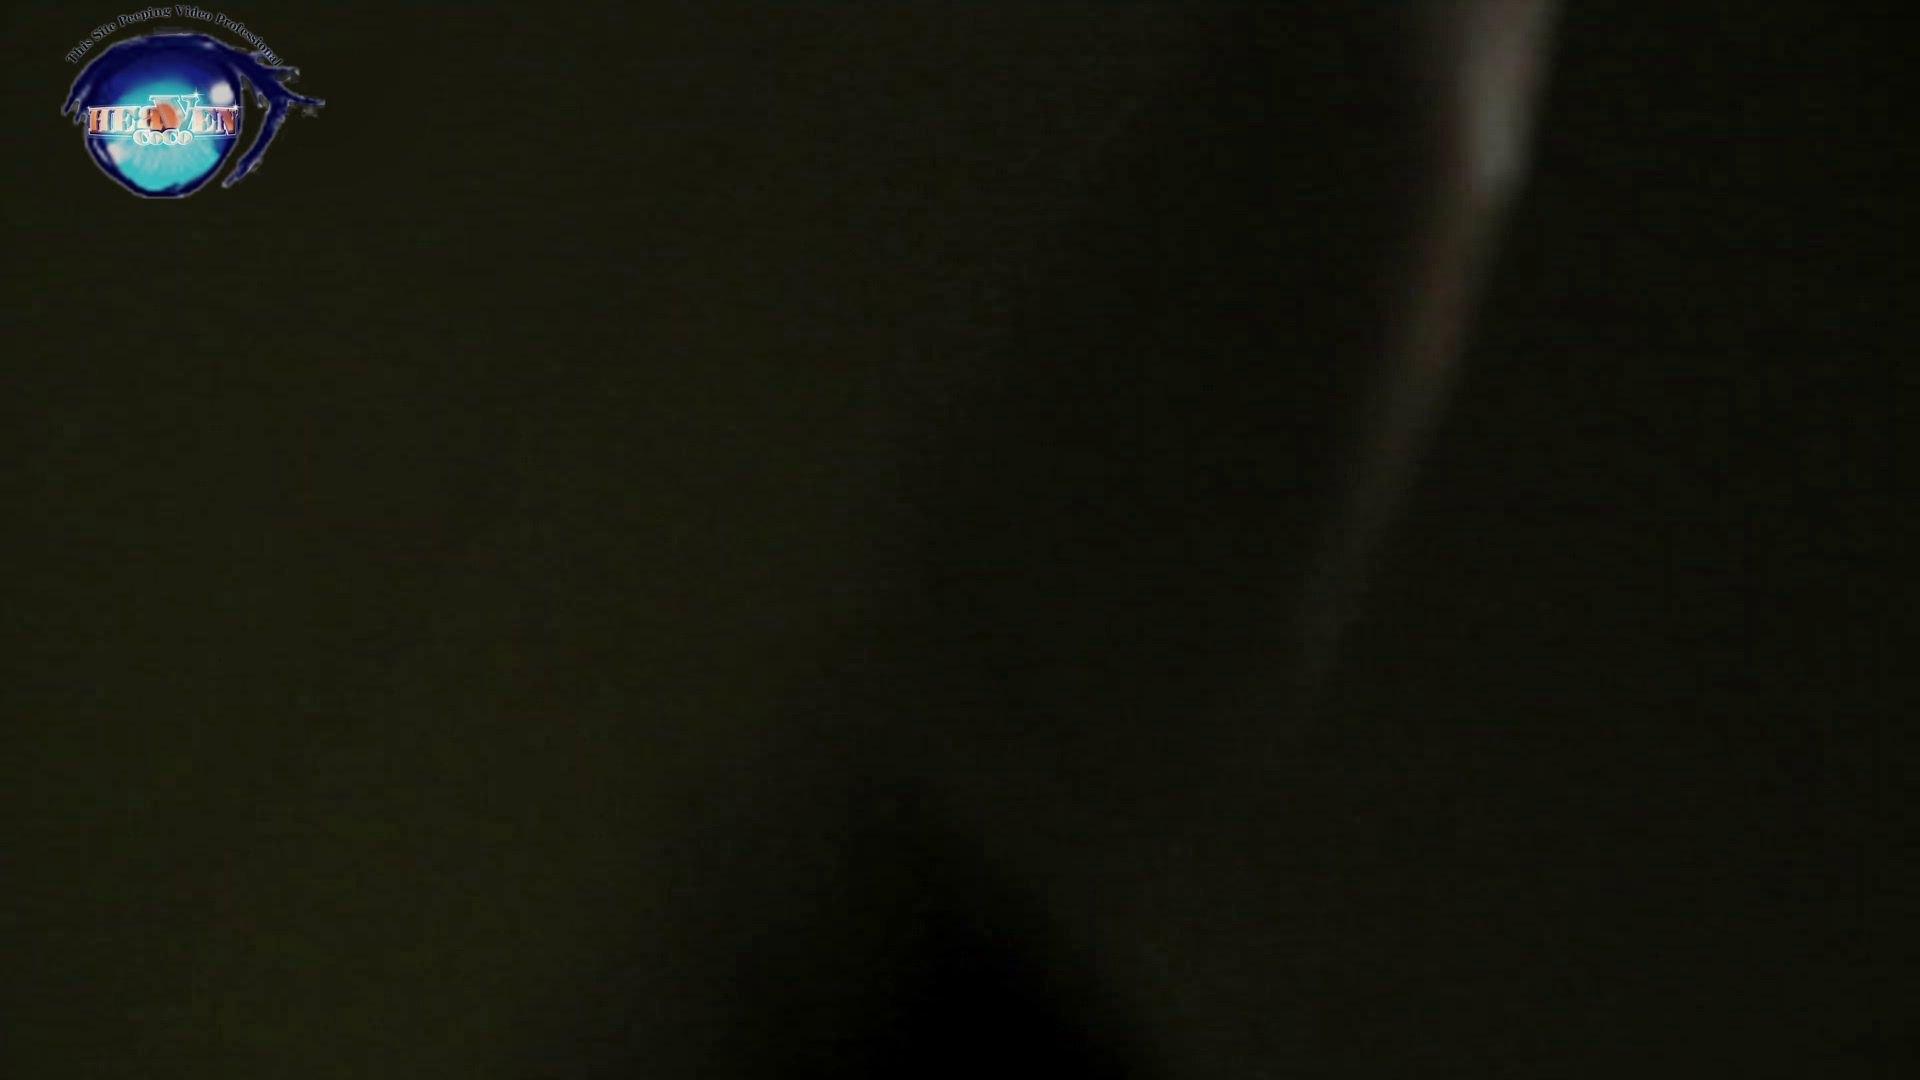 世界の射窓からステーション編 vol.30 割り込みに怒った美女!後編 美女エロ画像   OLエロ画像  41PICs 9